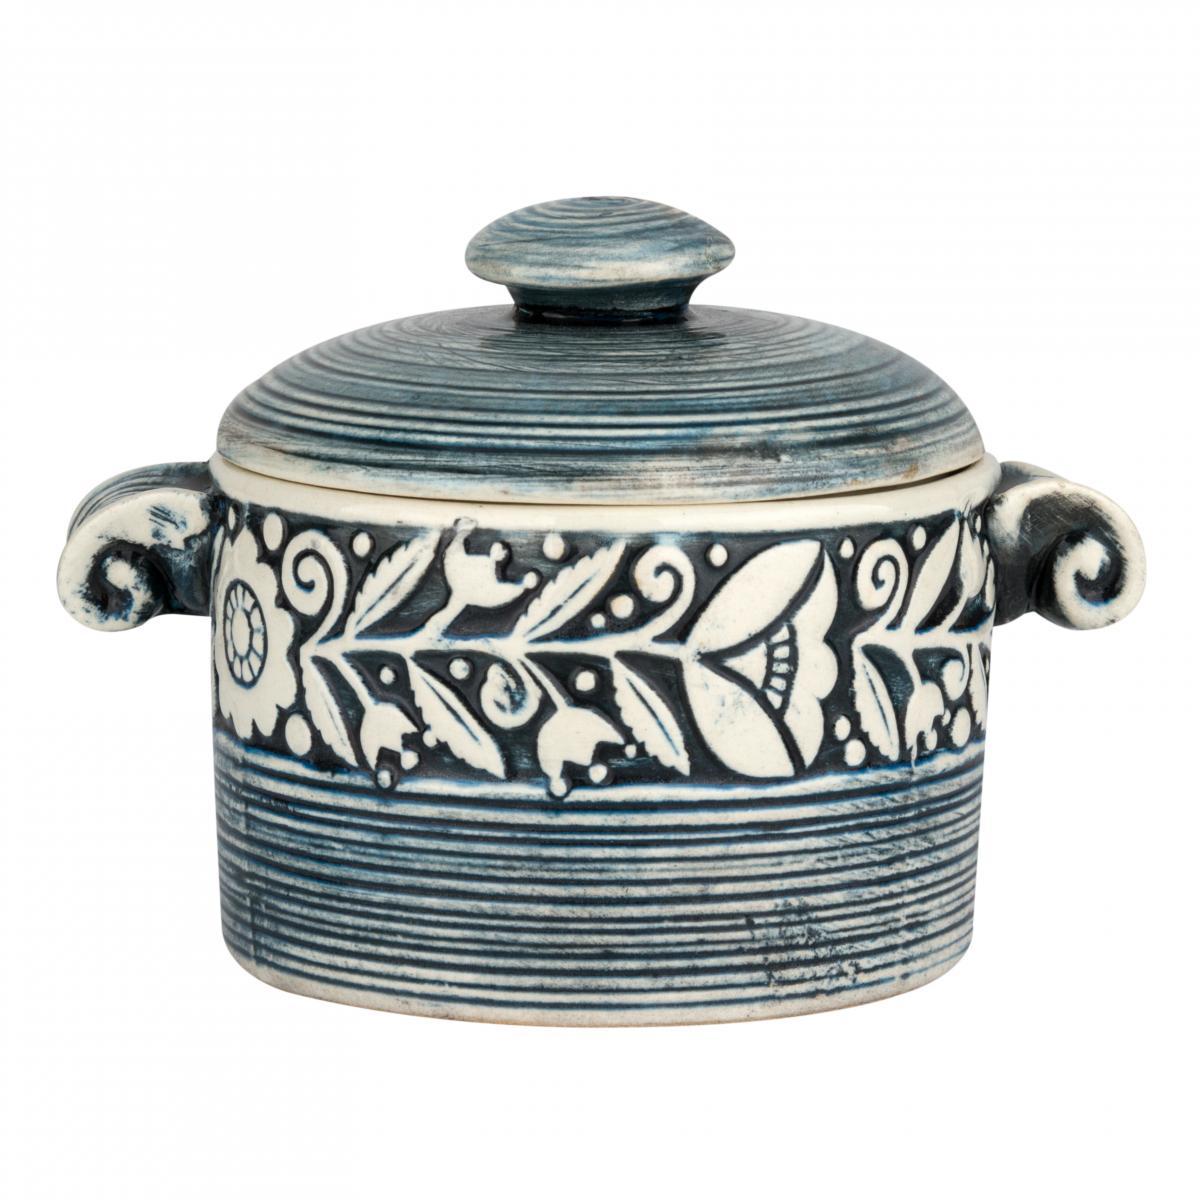 Керамическая кастрюлька. Фото №2. | Народный дом Украина